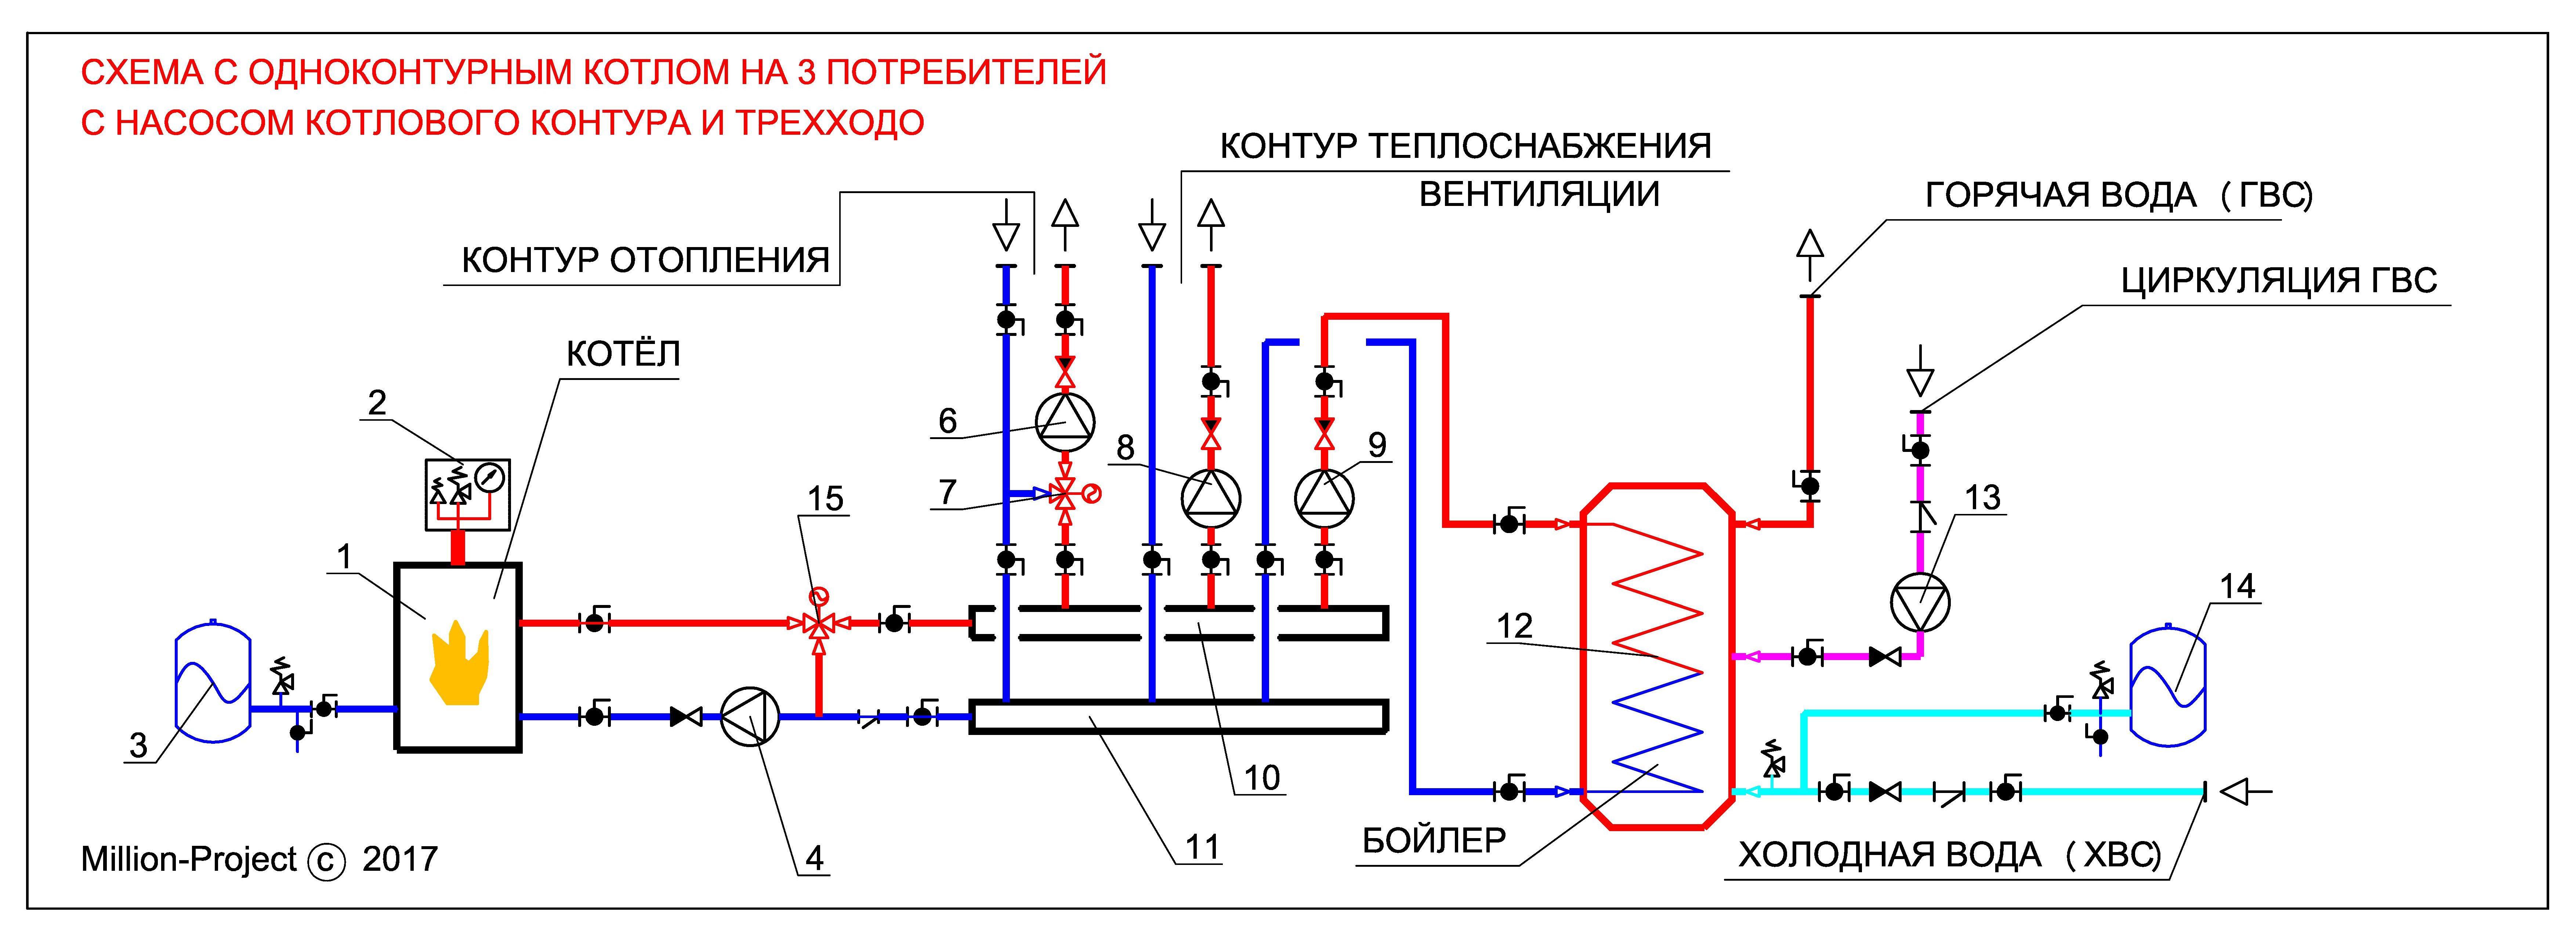 Схема отопления и гвс с тепловым насосом